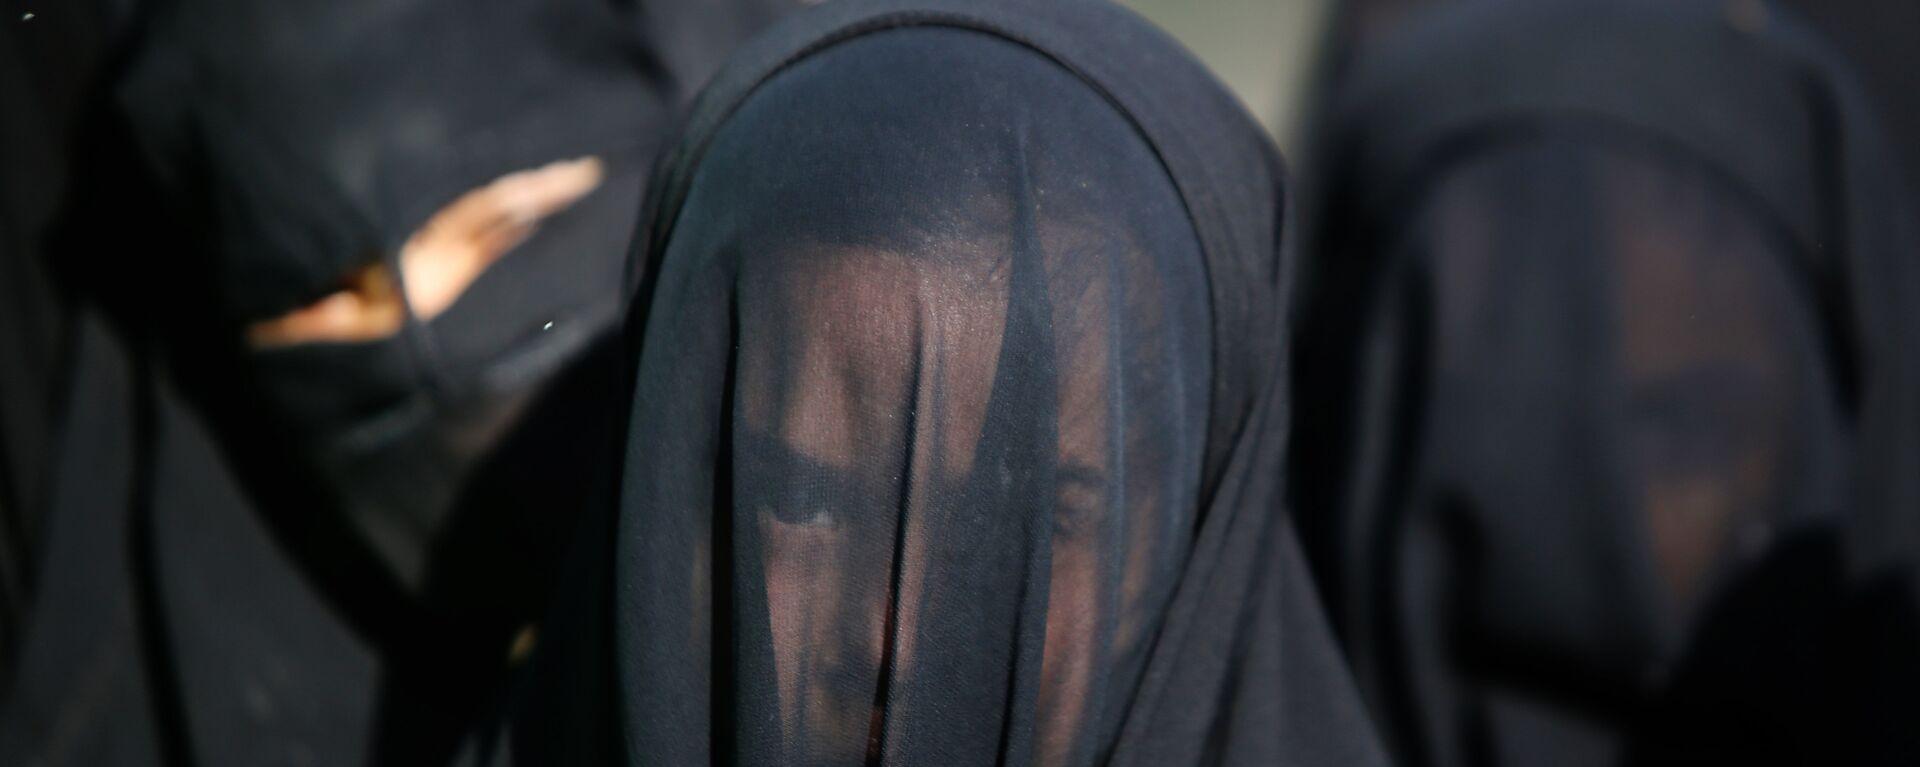 Мусульманки, архивное фото - Sputnik Таджикистан, 1920, 01.10.2021